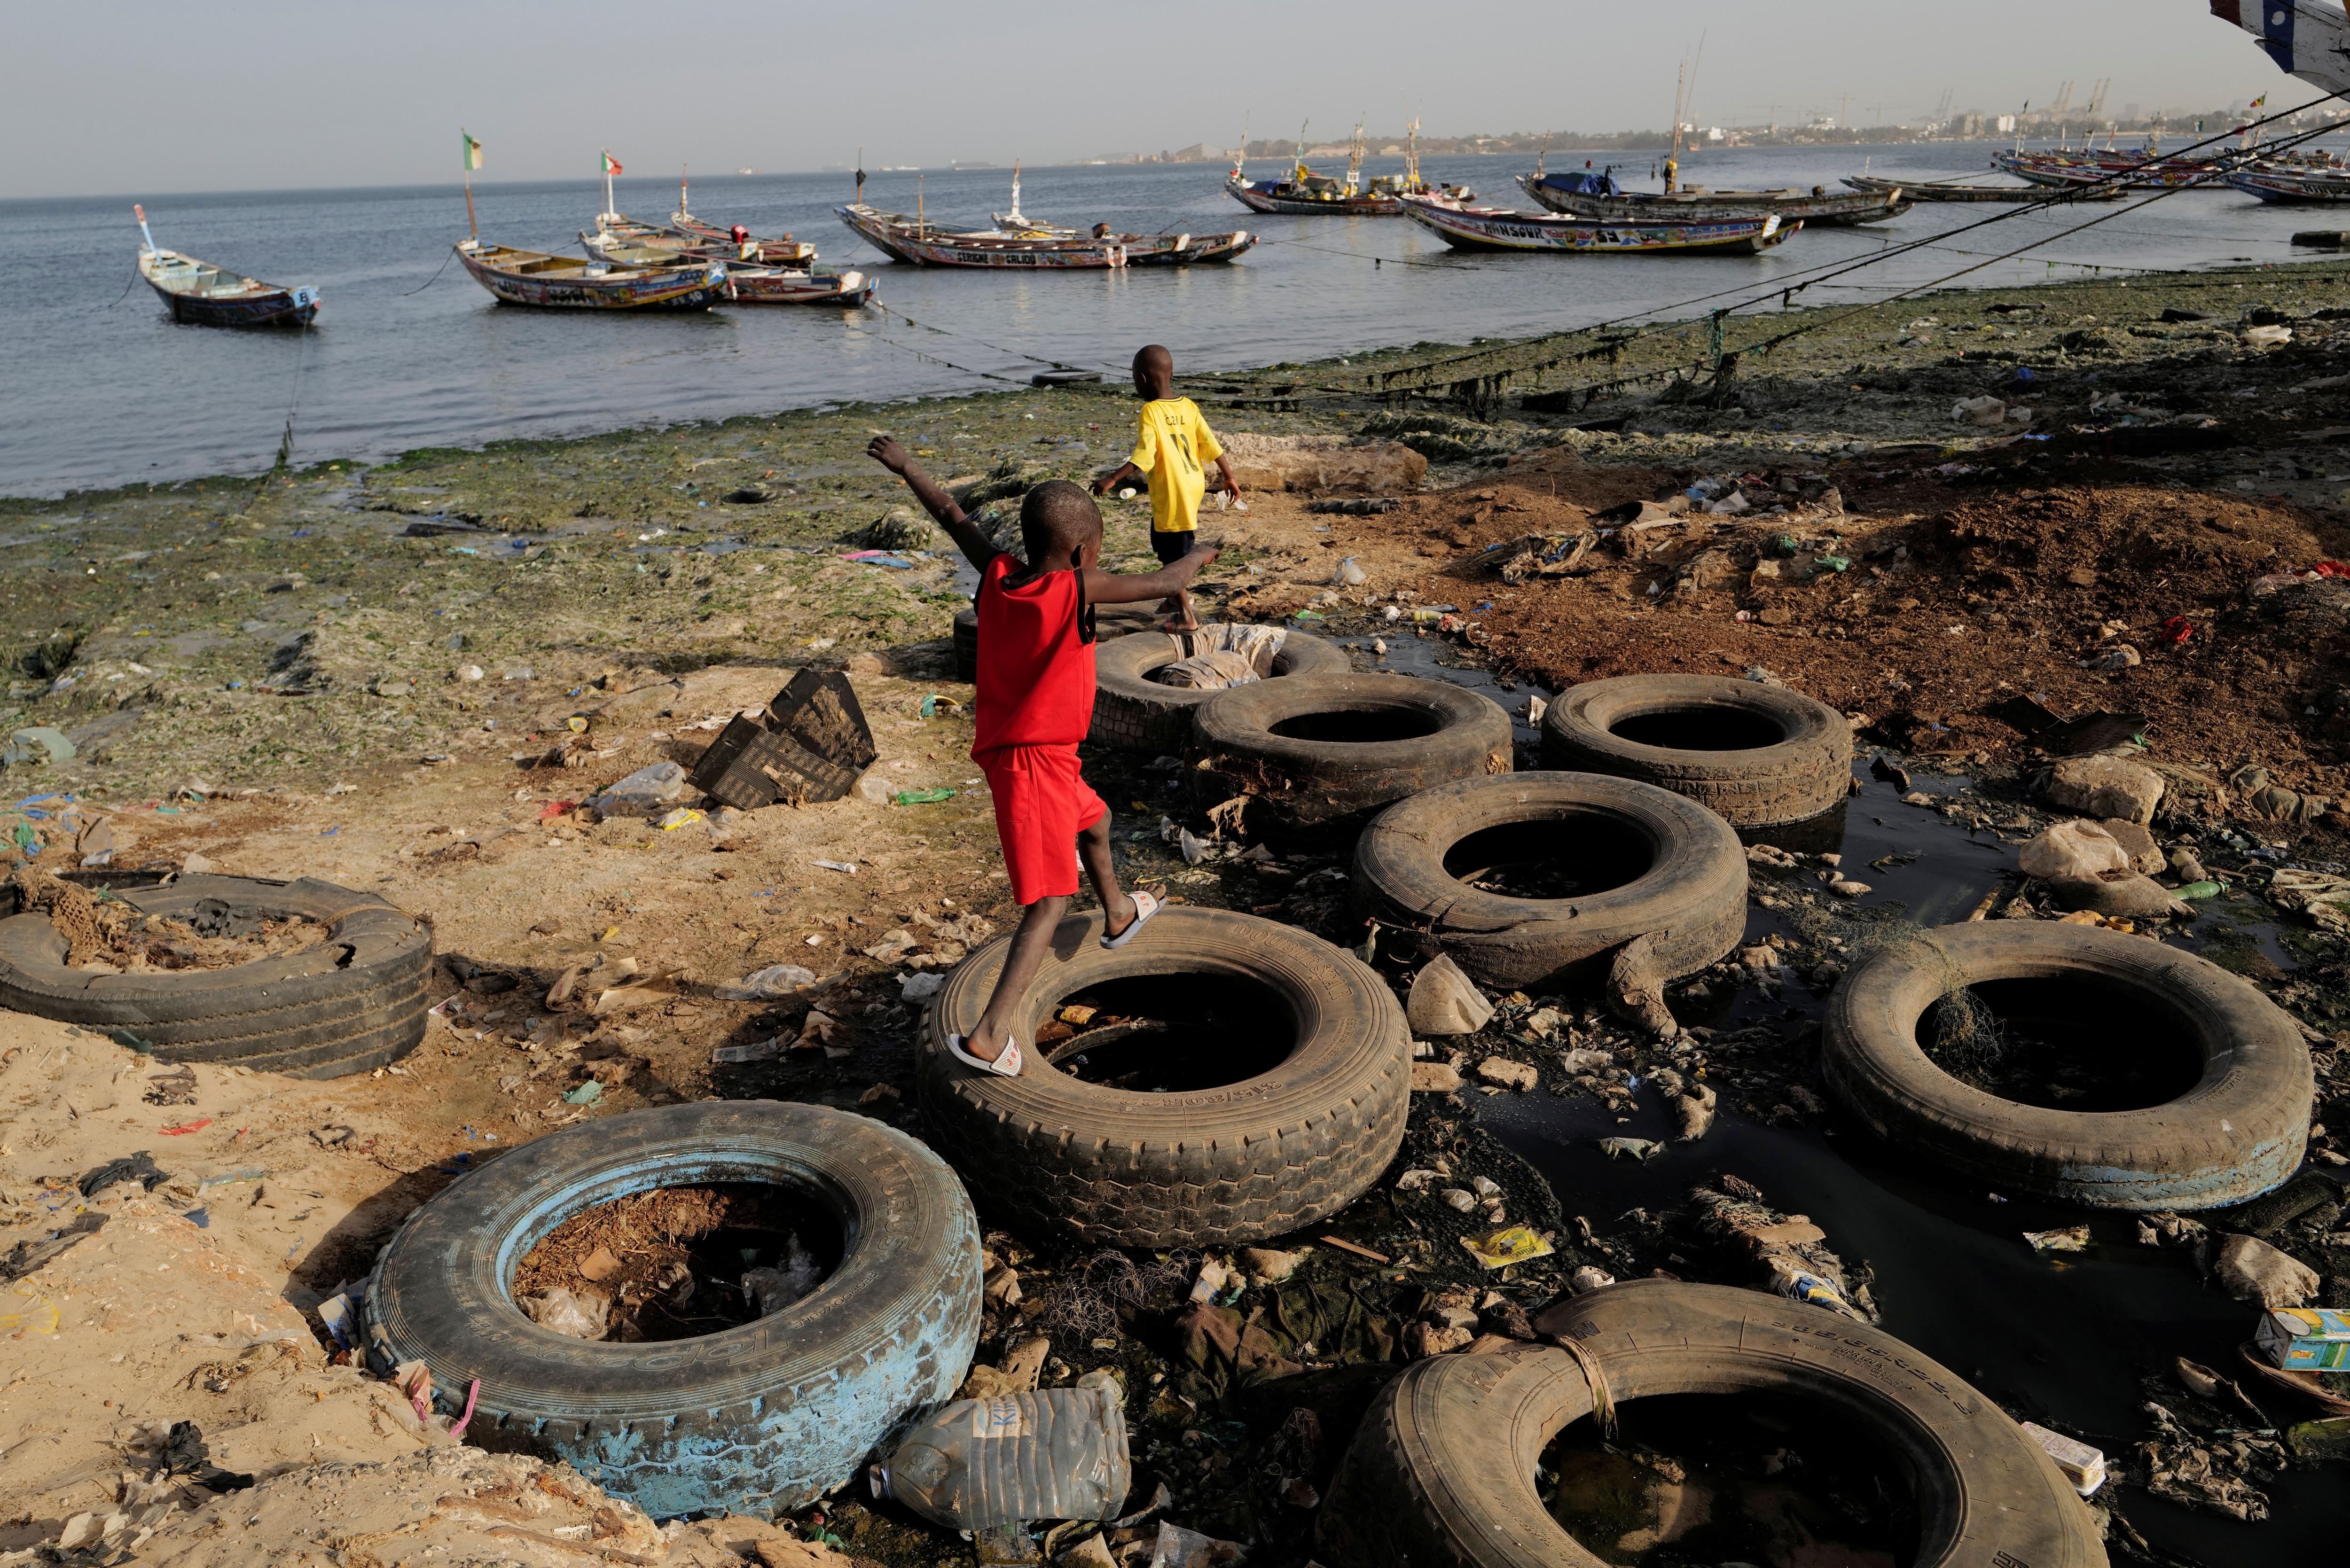 La bahía de Hann, al este de Dakar, cubiertas por la basura y con los cayucos (las embarcaciones de pescadores locales) amarrados sin usar. Foto: REUTERS/Zohra Bensemra